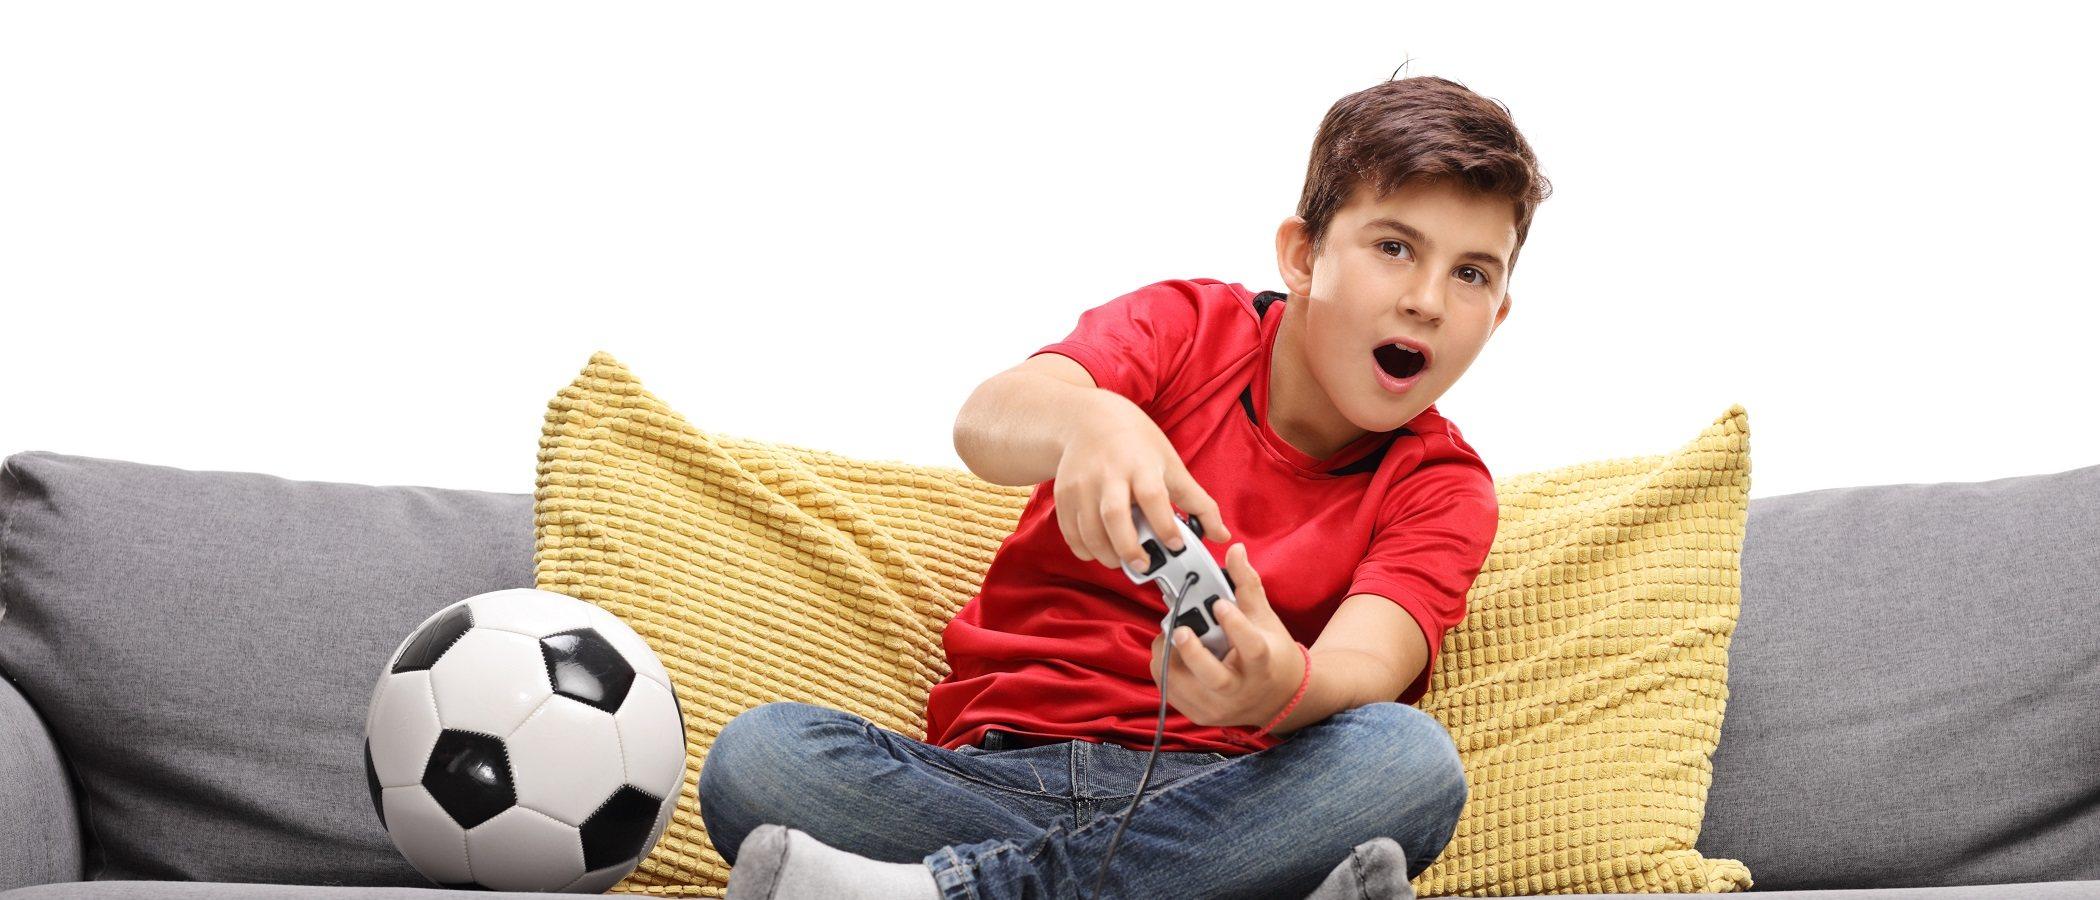 Los videojuegos, ¿aptos para niños pequeños?